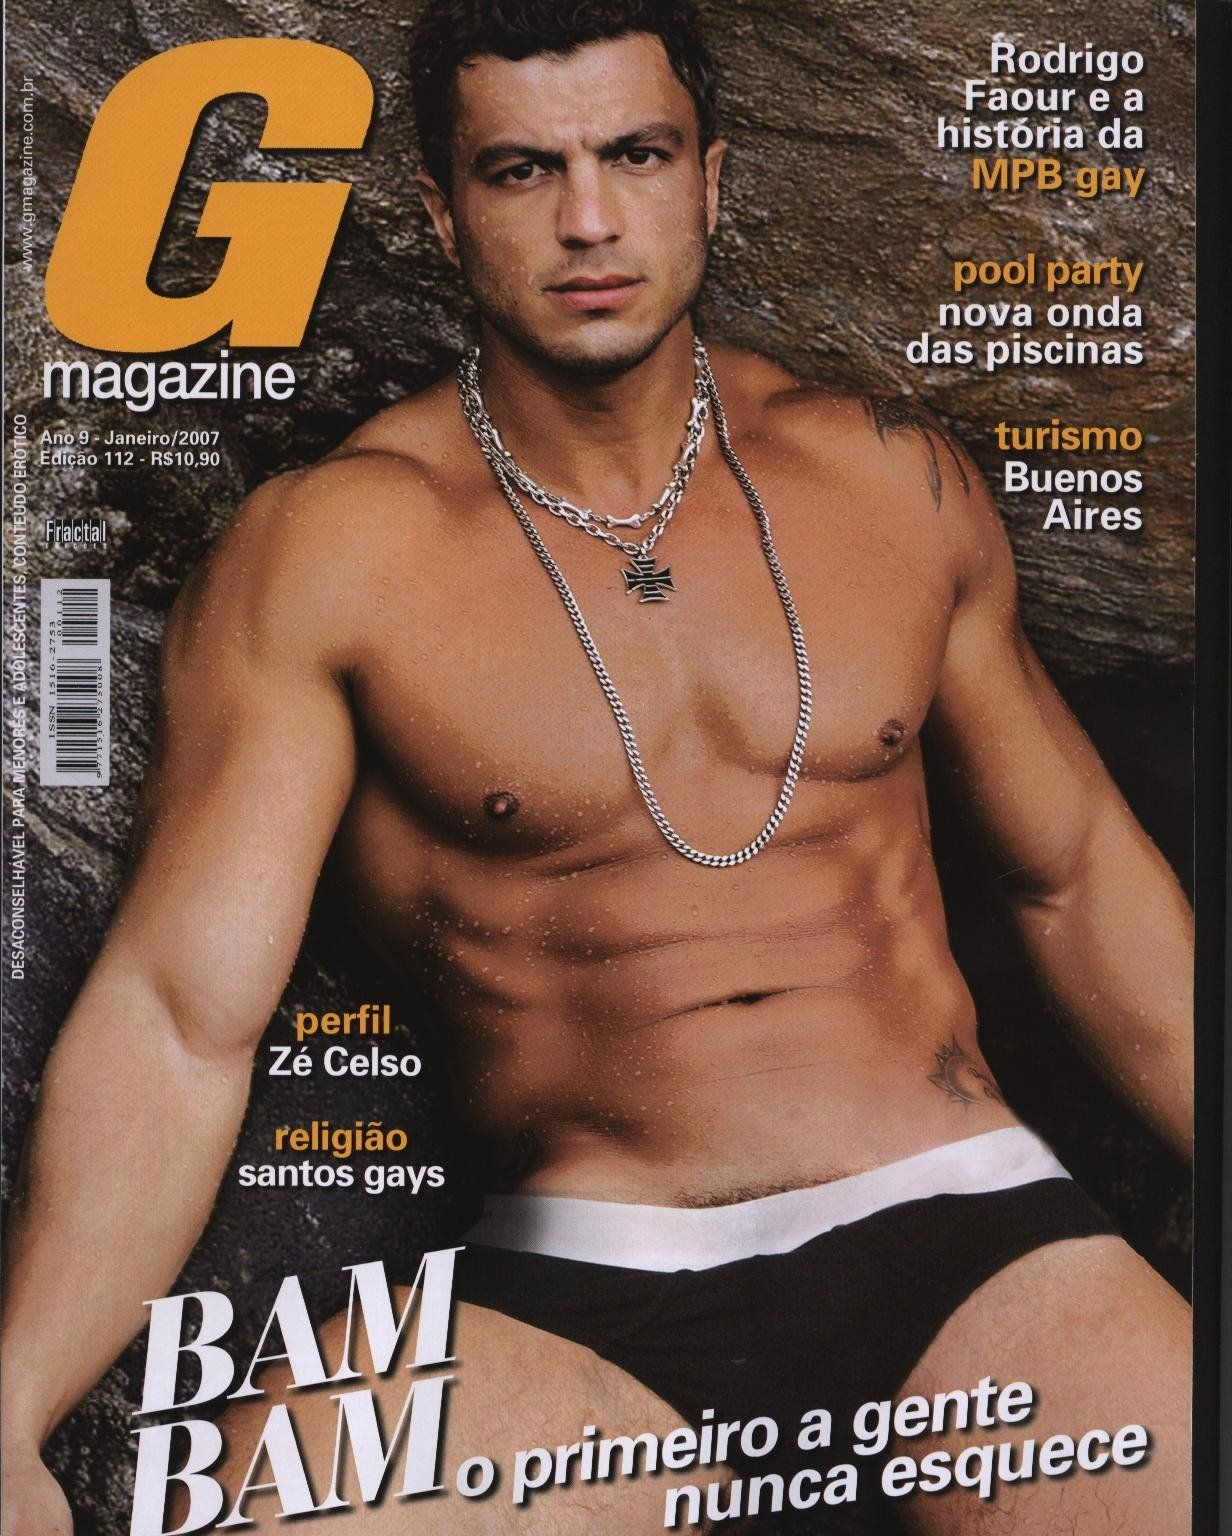 vencedor do bbb1 bam bam demorou para posar na capa da g magazine mais